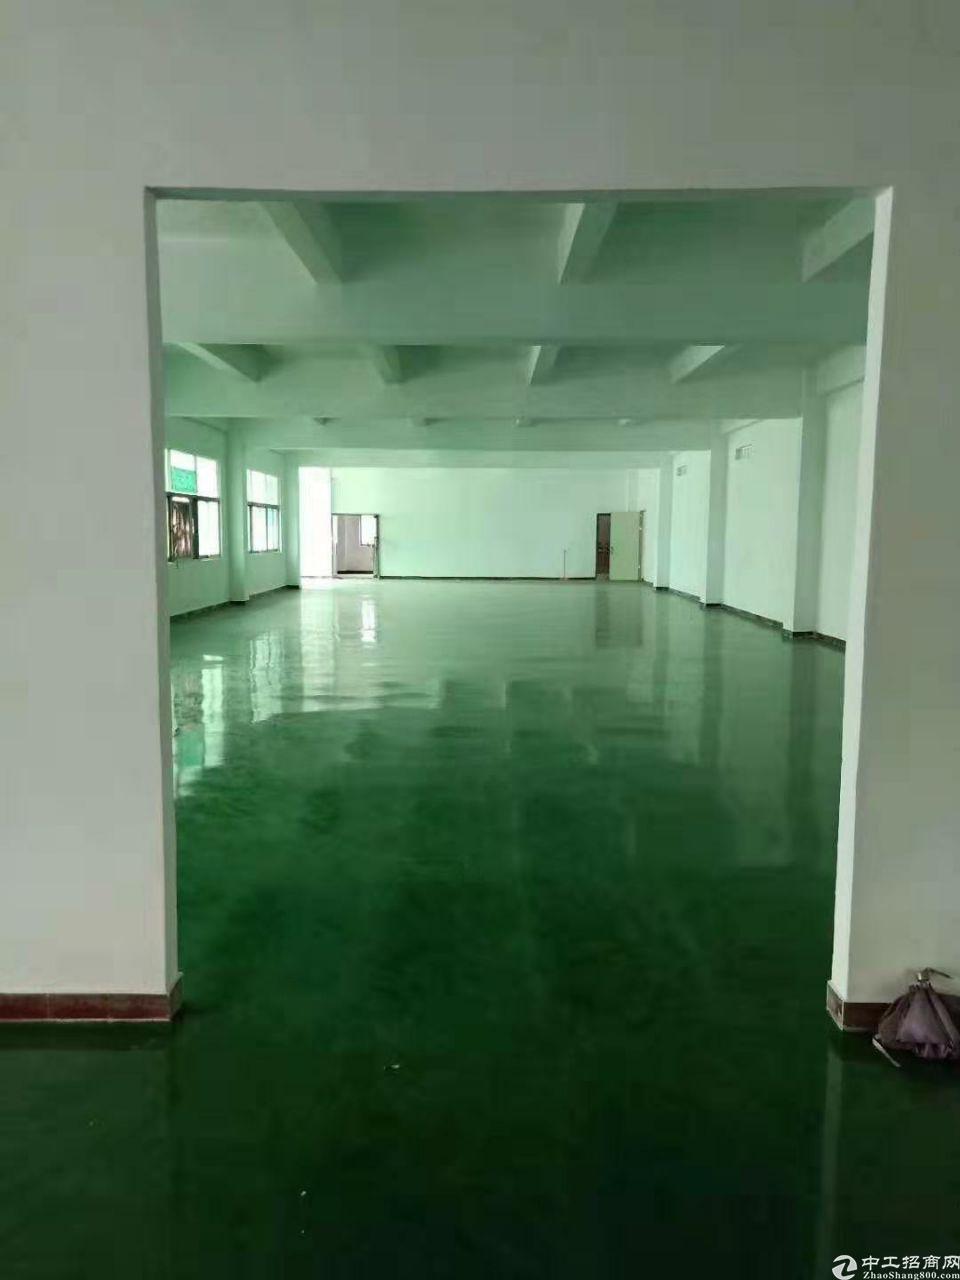 东莞长安镇厦边工业园分租一楼600㎡厂房招租